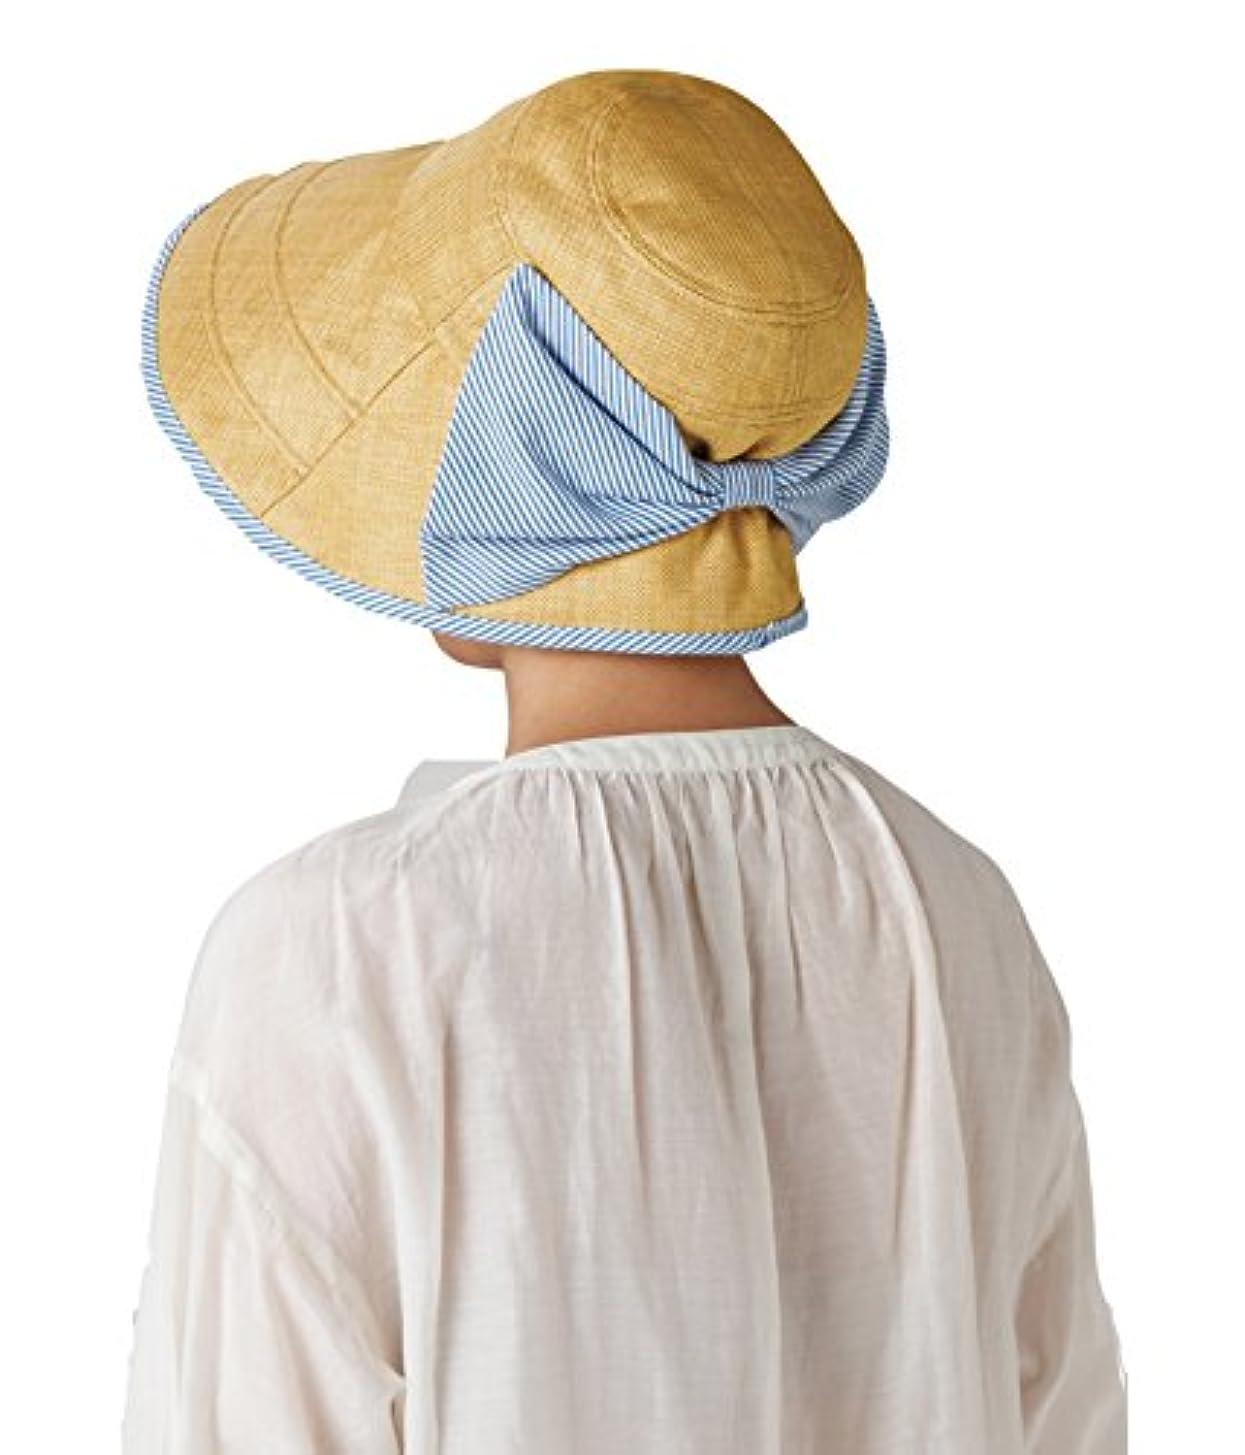 昨日スペインジョージハンブリーセルヴァン 大きなリボンのつば広日よけ帽子 ベージュ